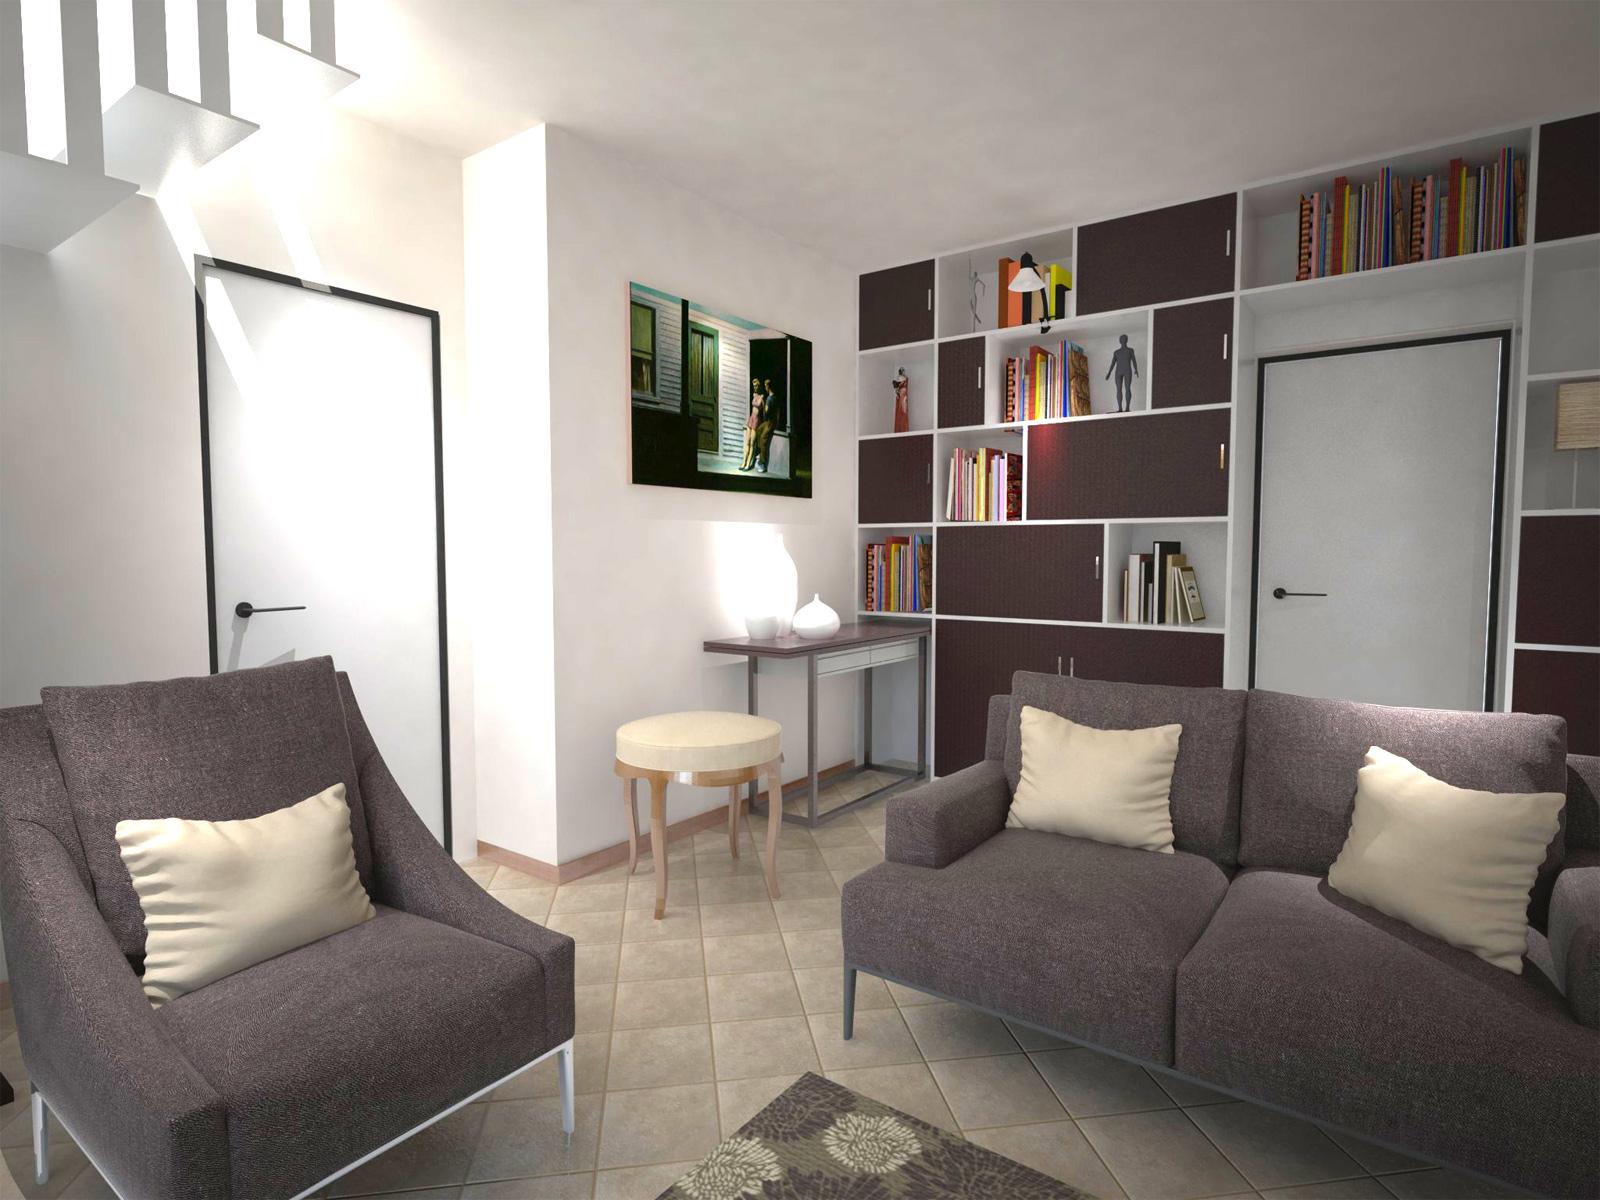 Diseño Salon Comedor Pequeño | Diseño Brillante Agradable Organizar ...